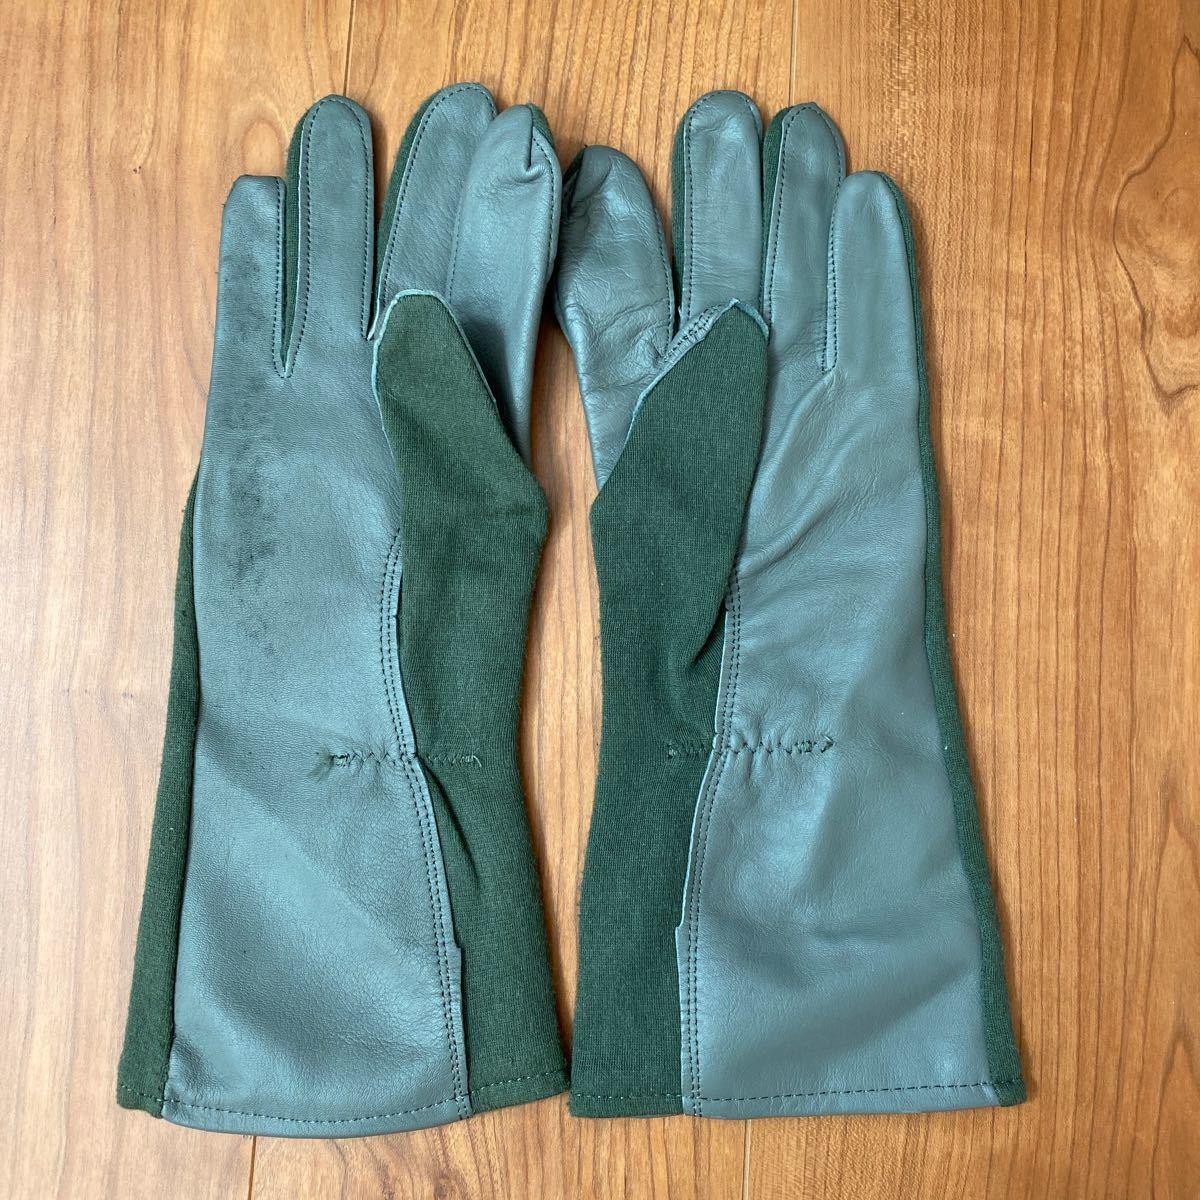 米軍実物 Nomex フライト サマー グローブ Gloves Flyers フライトギア レザーグローブ 手袋 ノーメックス 革手袋 ミリタリー パイロット_画像2